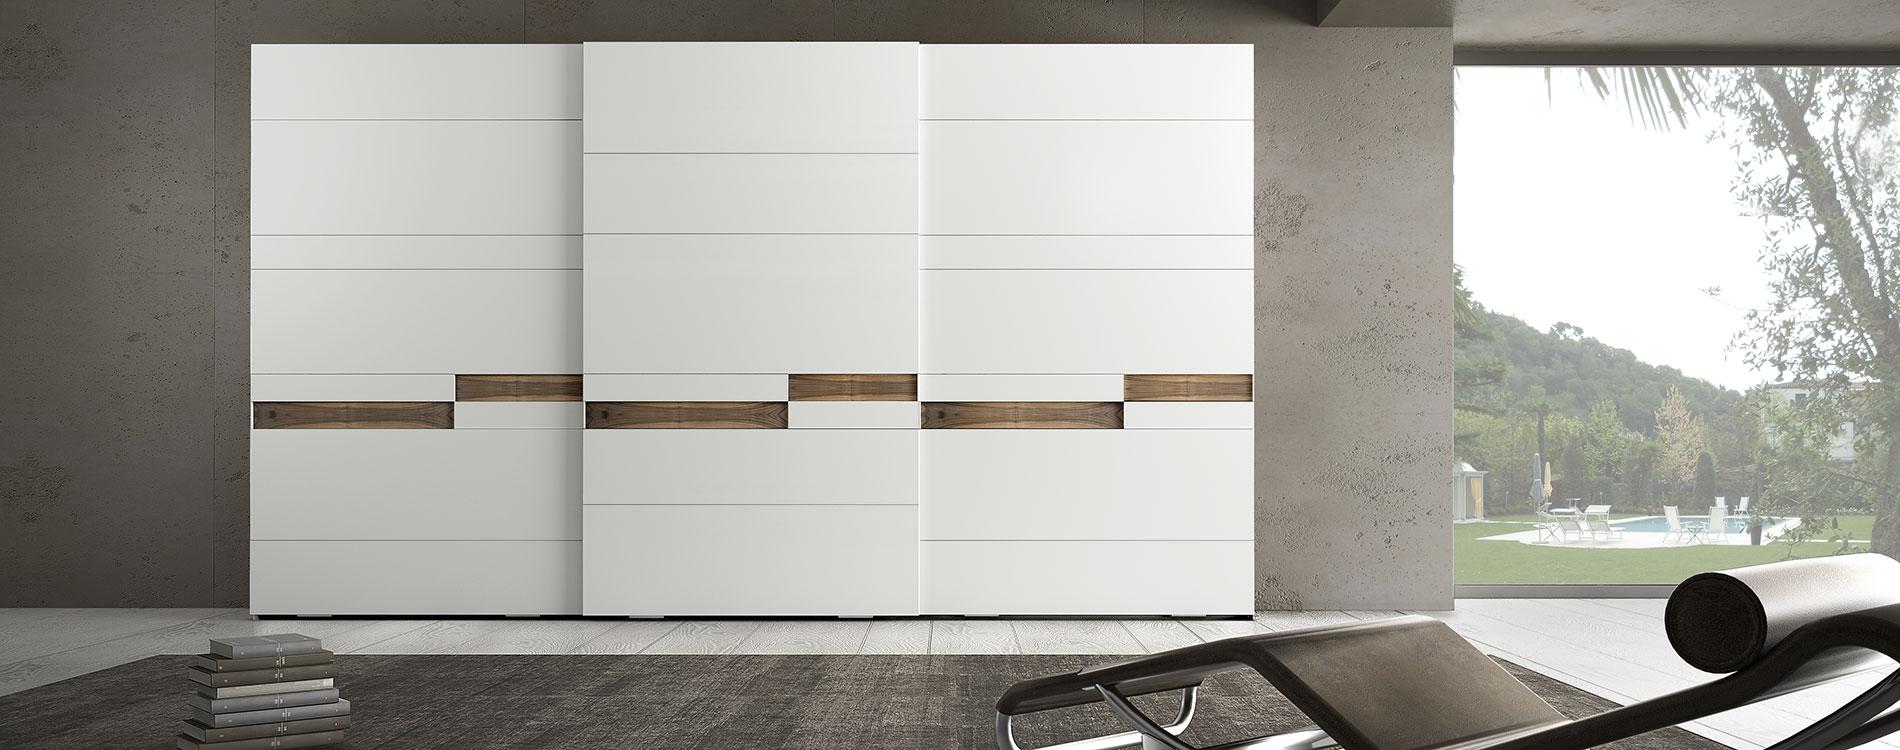 Mobilificio europa arredamento casa mobili cucine - Lube camere da letto ...